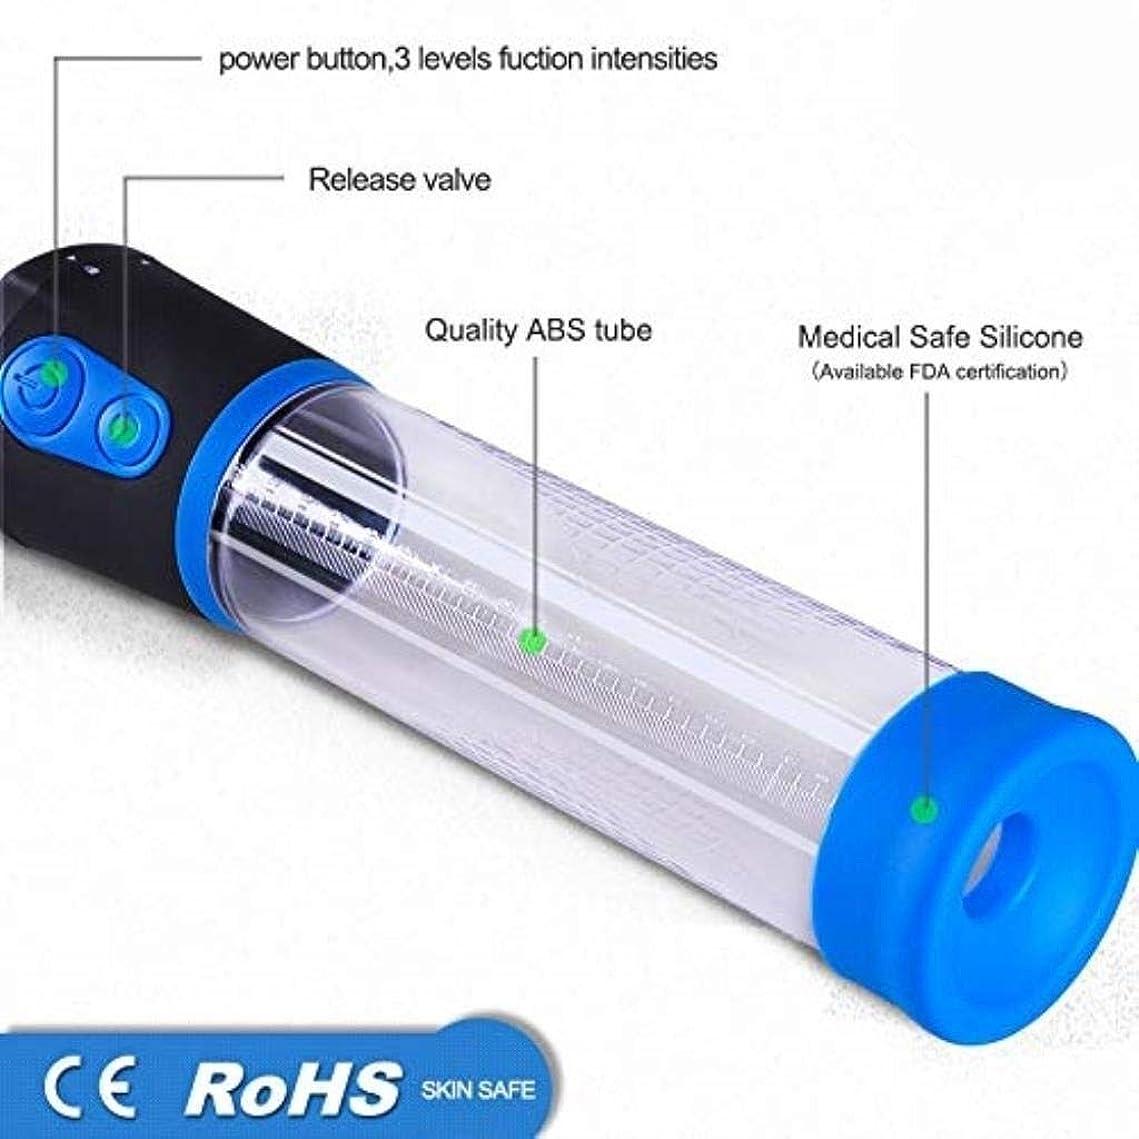 補う湿度バリアRisareyi 自動真空ポンプ、男性用勃起遅延ペニス成長、ペニス拡大器、ペニス成長デバイススリーブ